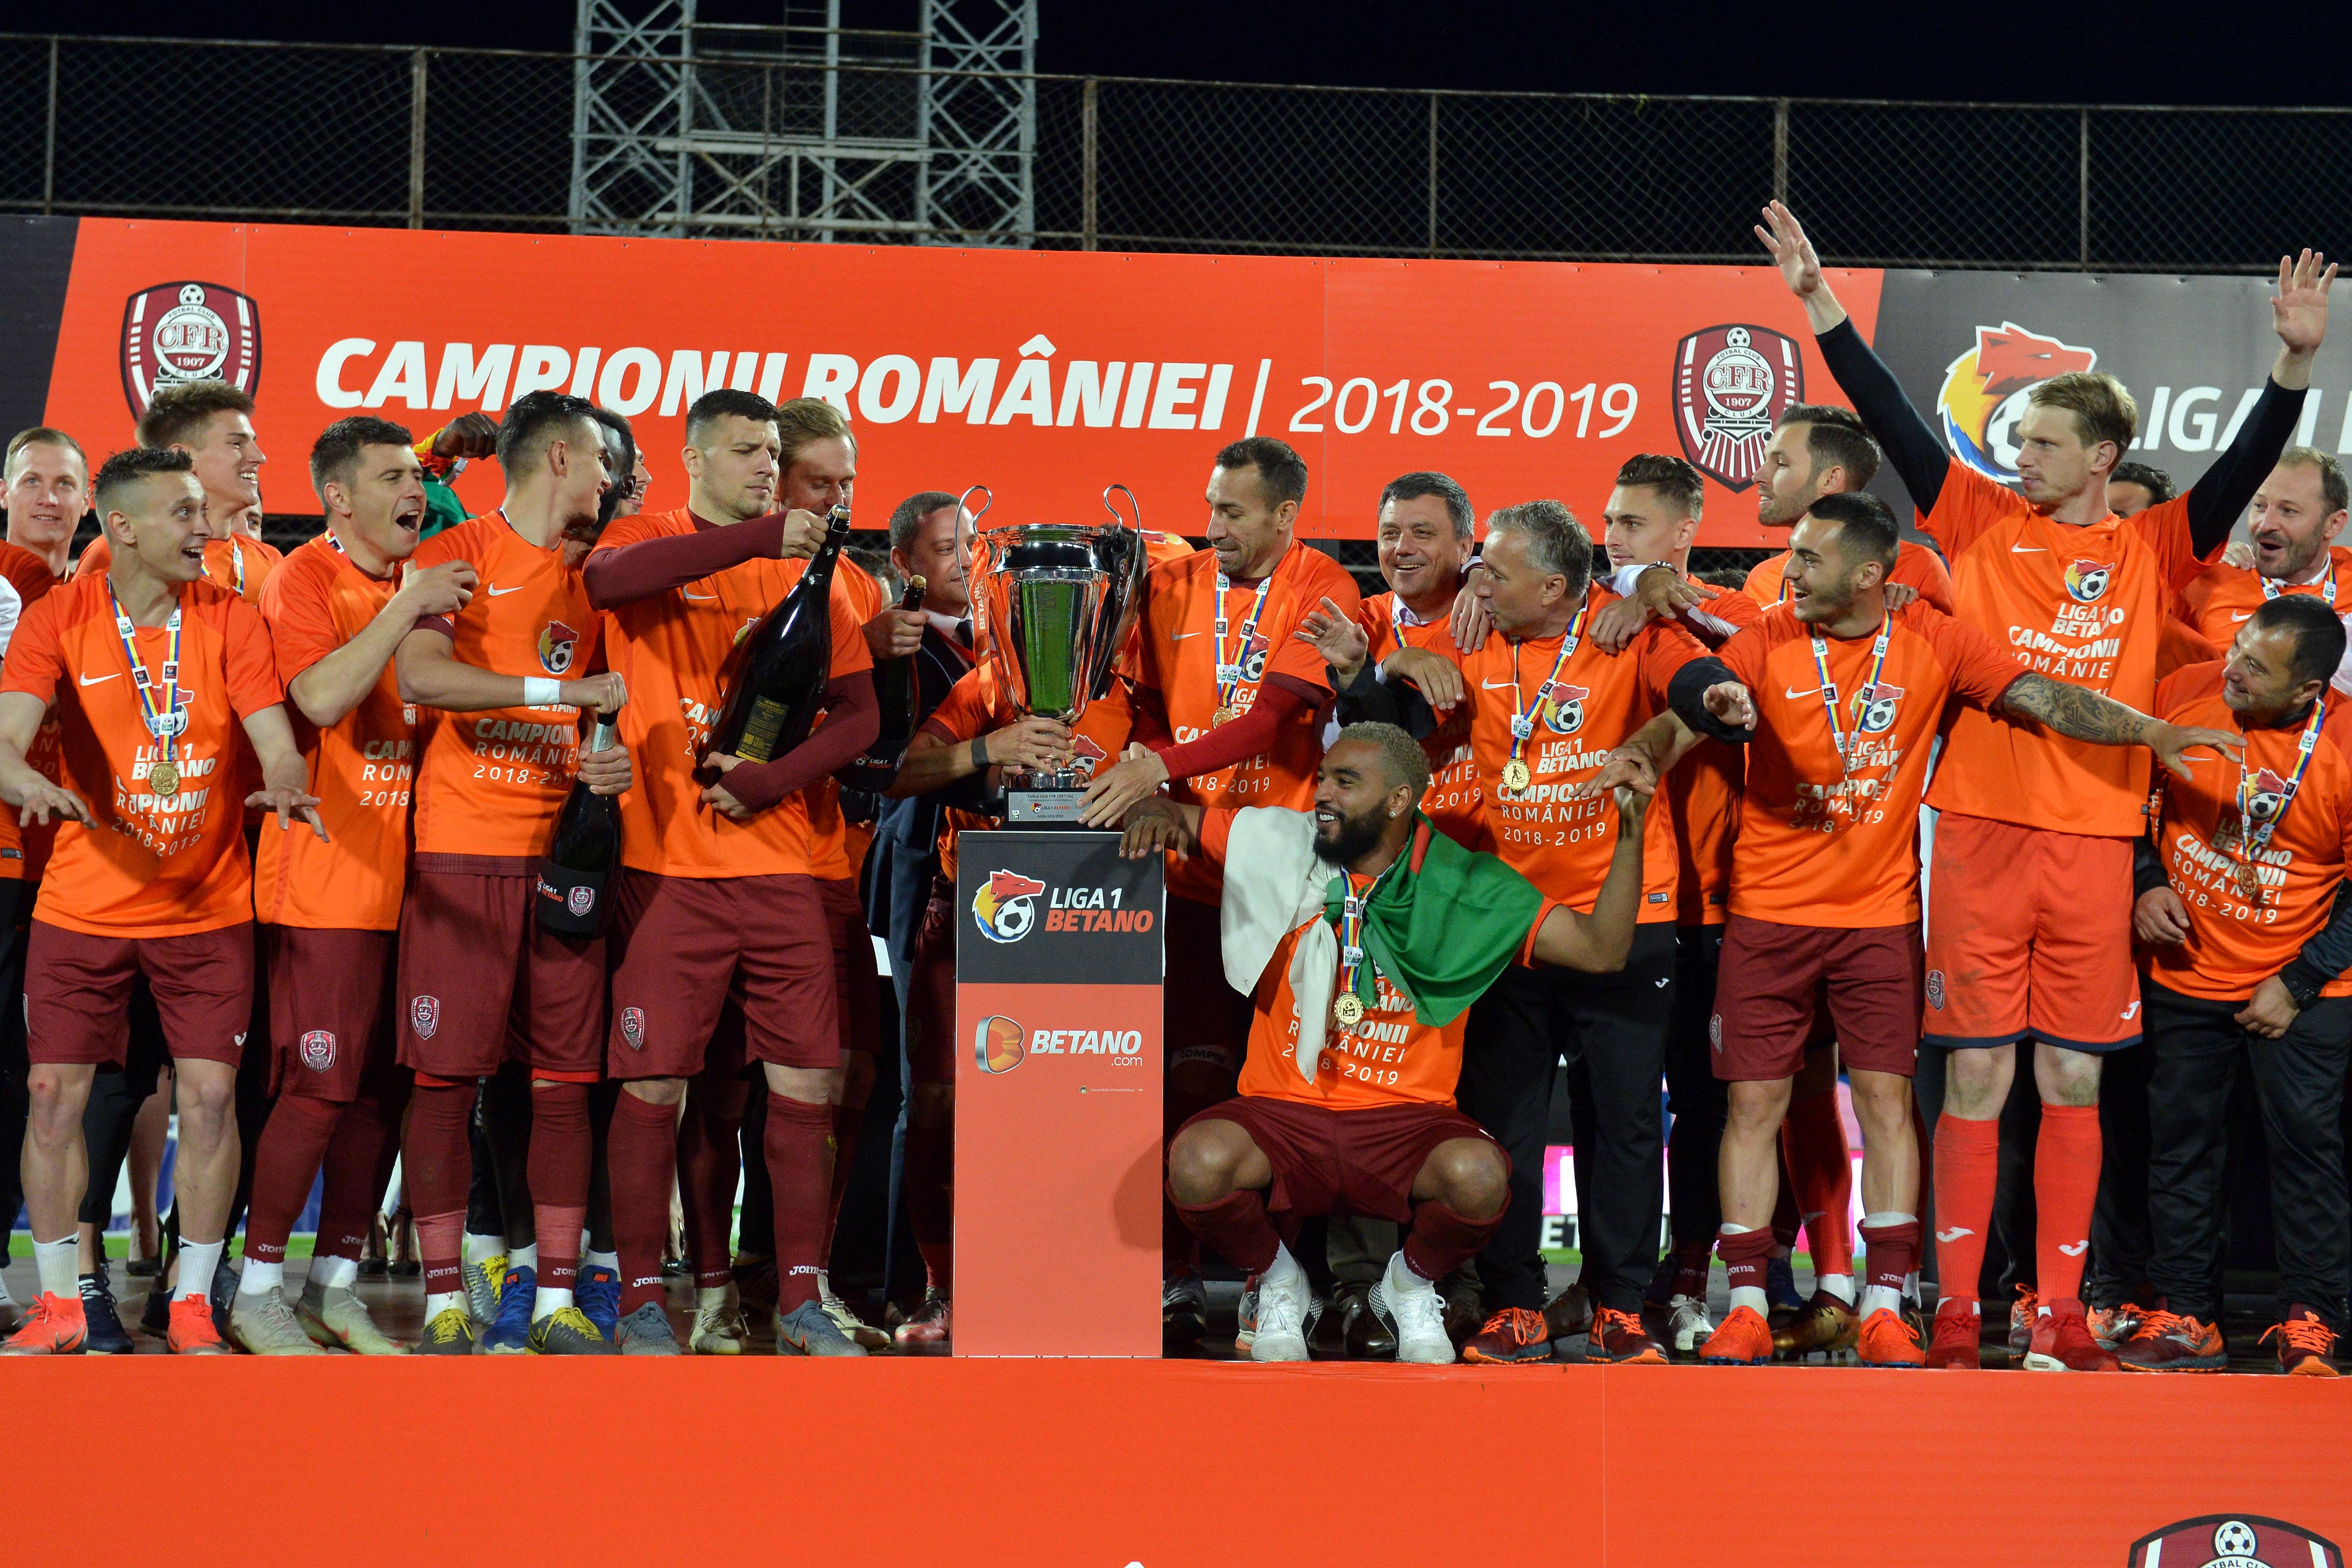 Jucătorii de la CFR Cluj în momentul în care au câștigat titlul. Sursă foto: sportpictures.eu